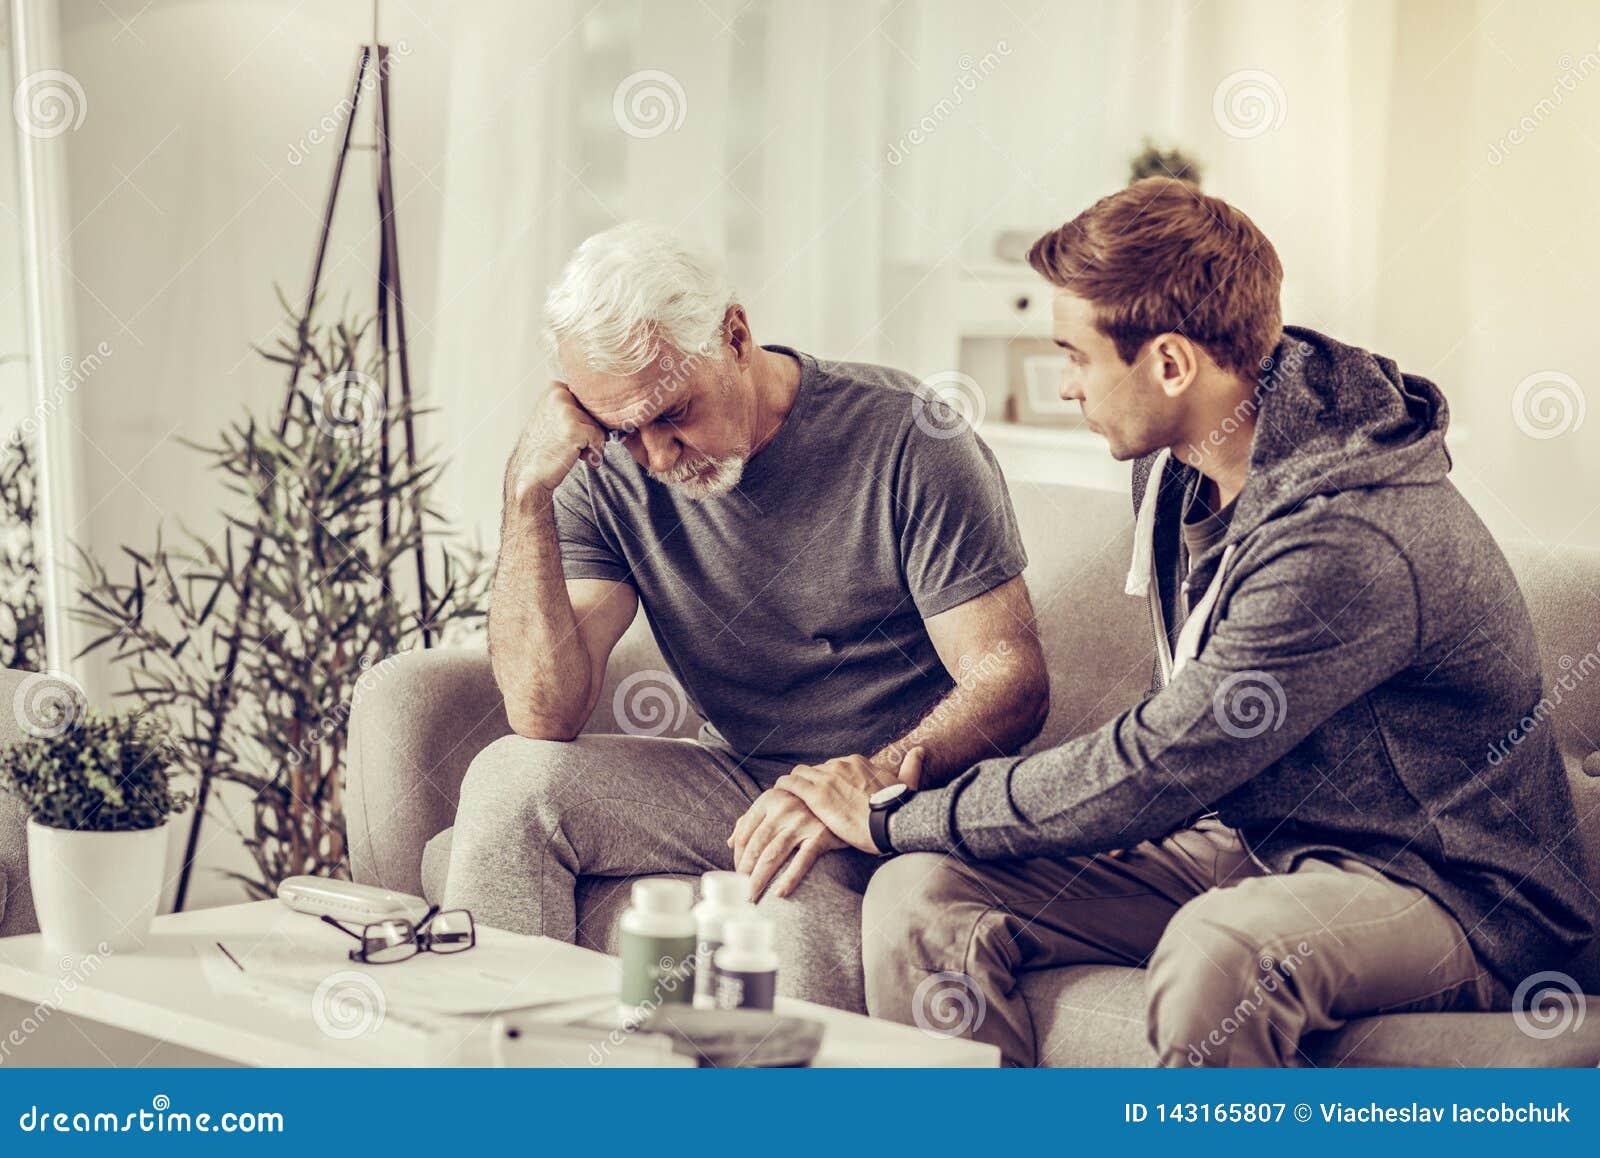 Hijo de pelo corto del Joven-adulto que conforta al padre trastornado gris-cabelludo mayor en la sala de estar